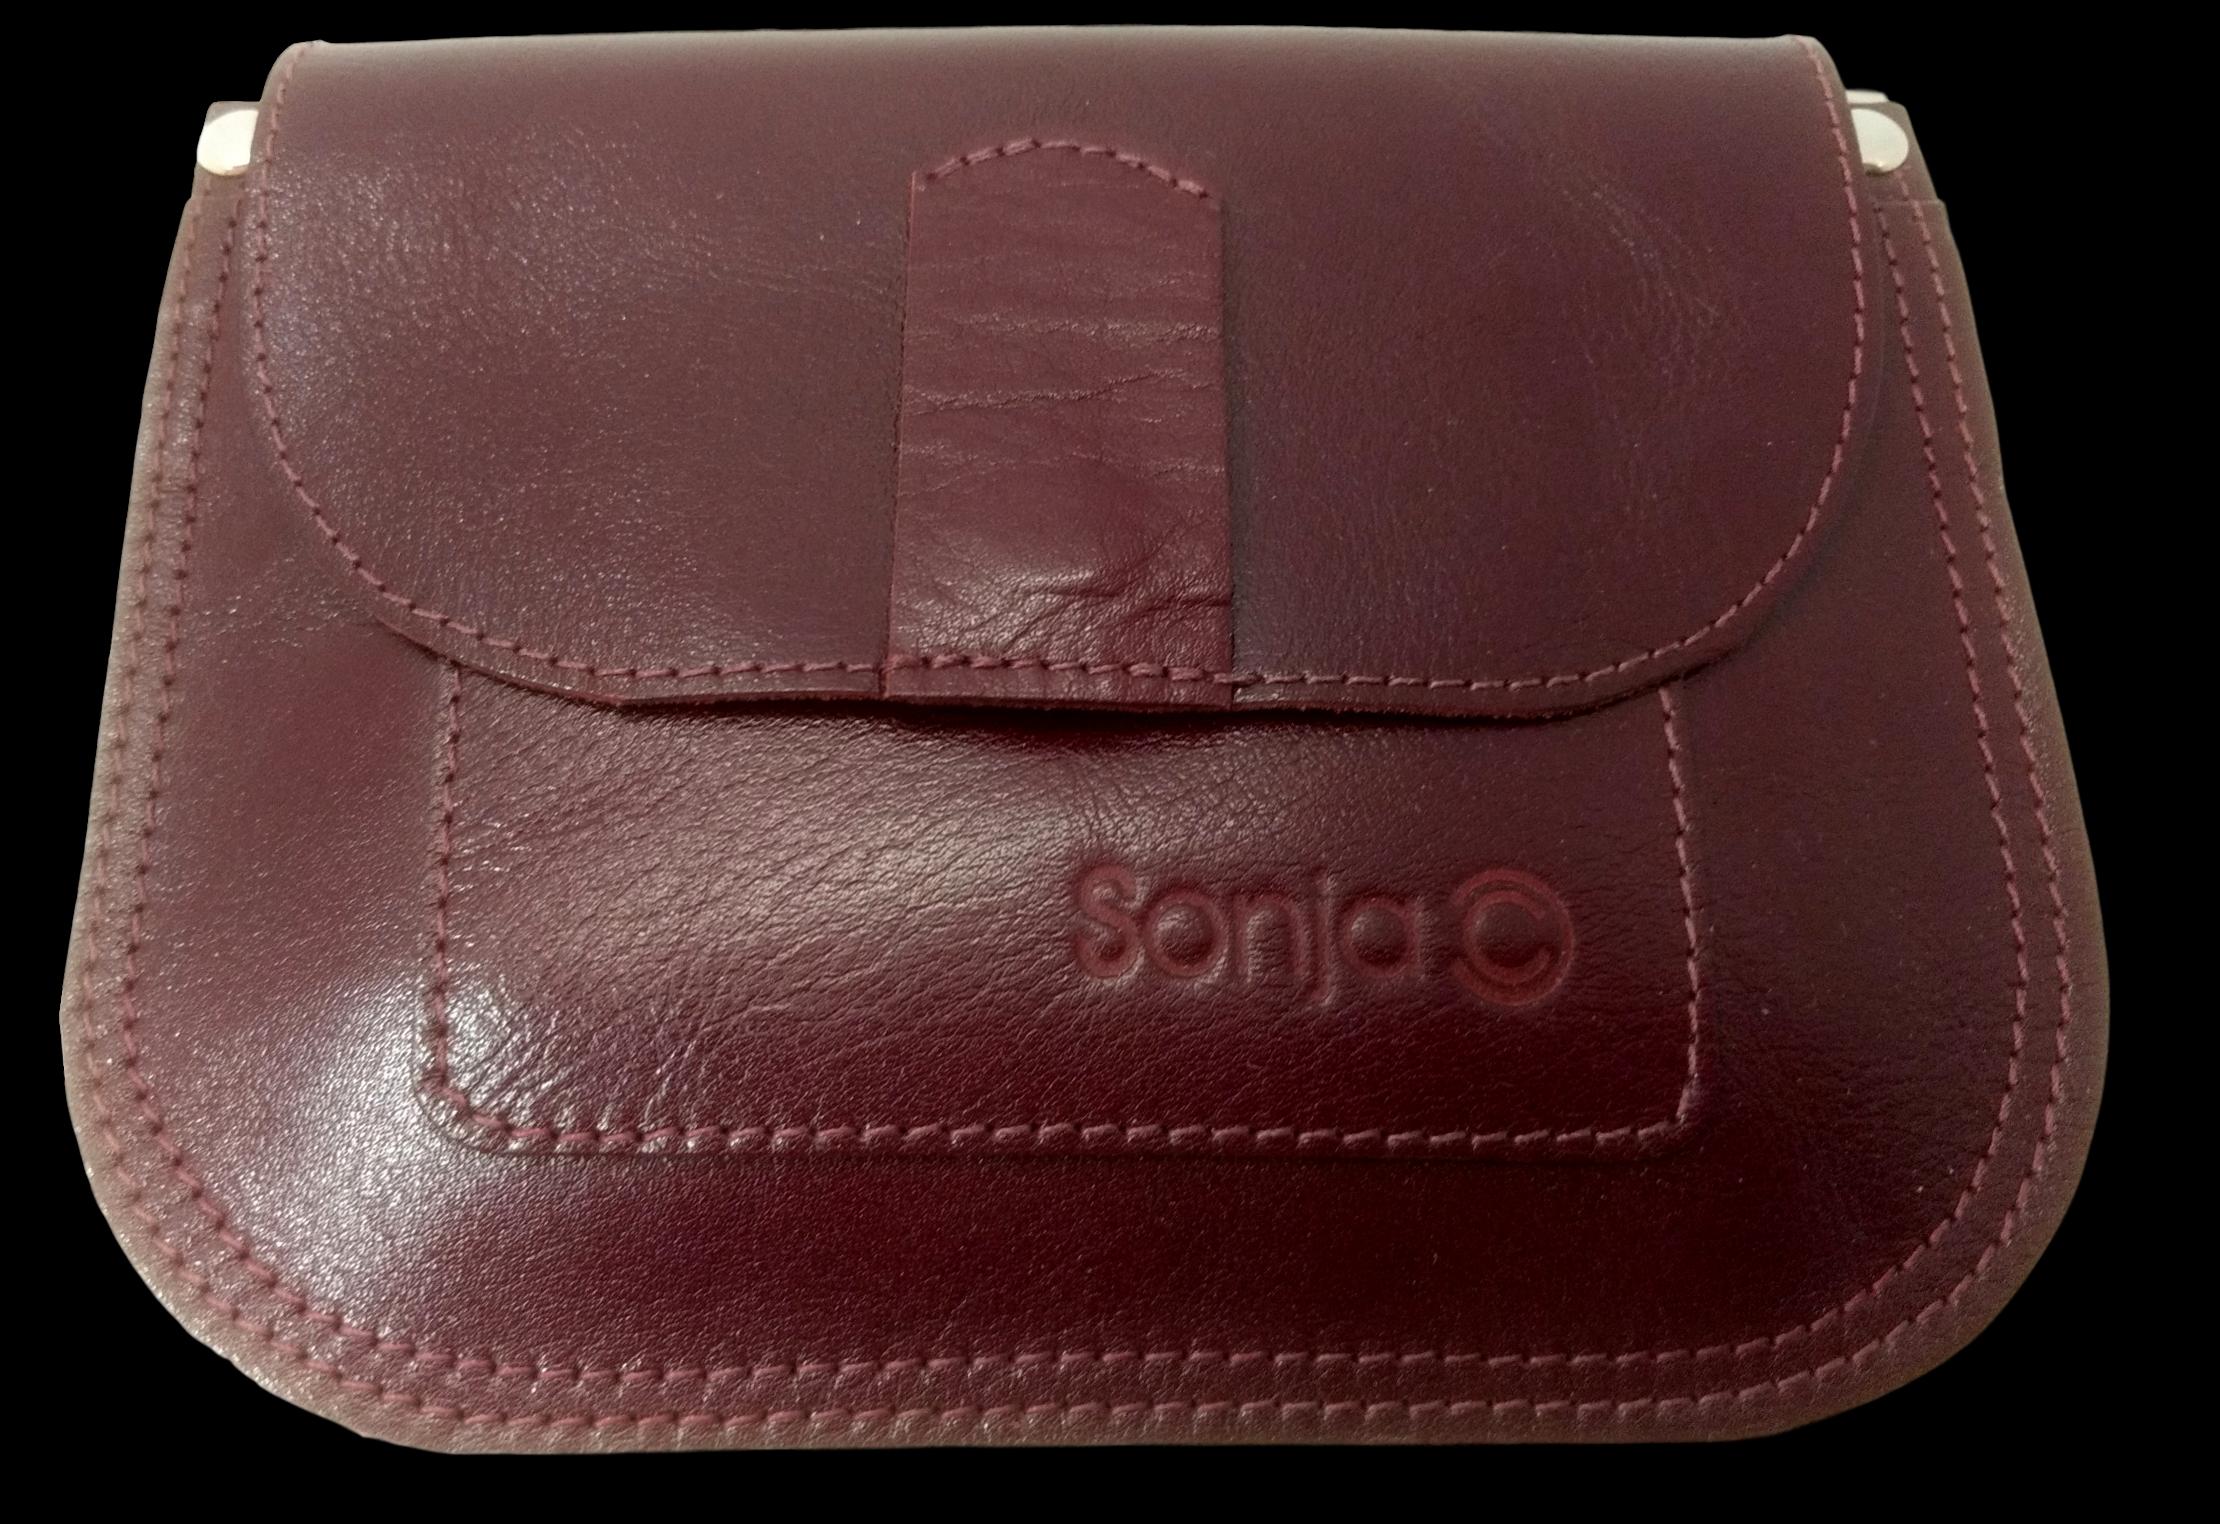 Ox Blood Leather Pocket Bag